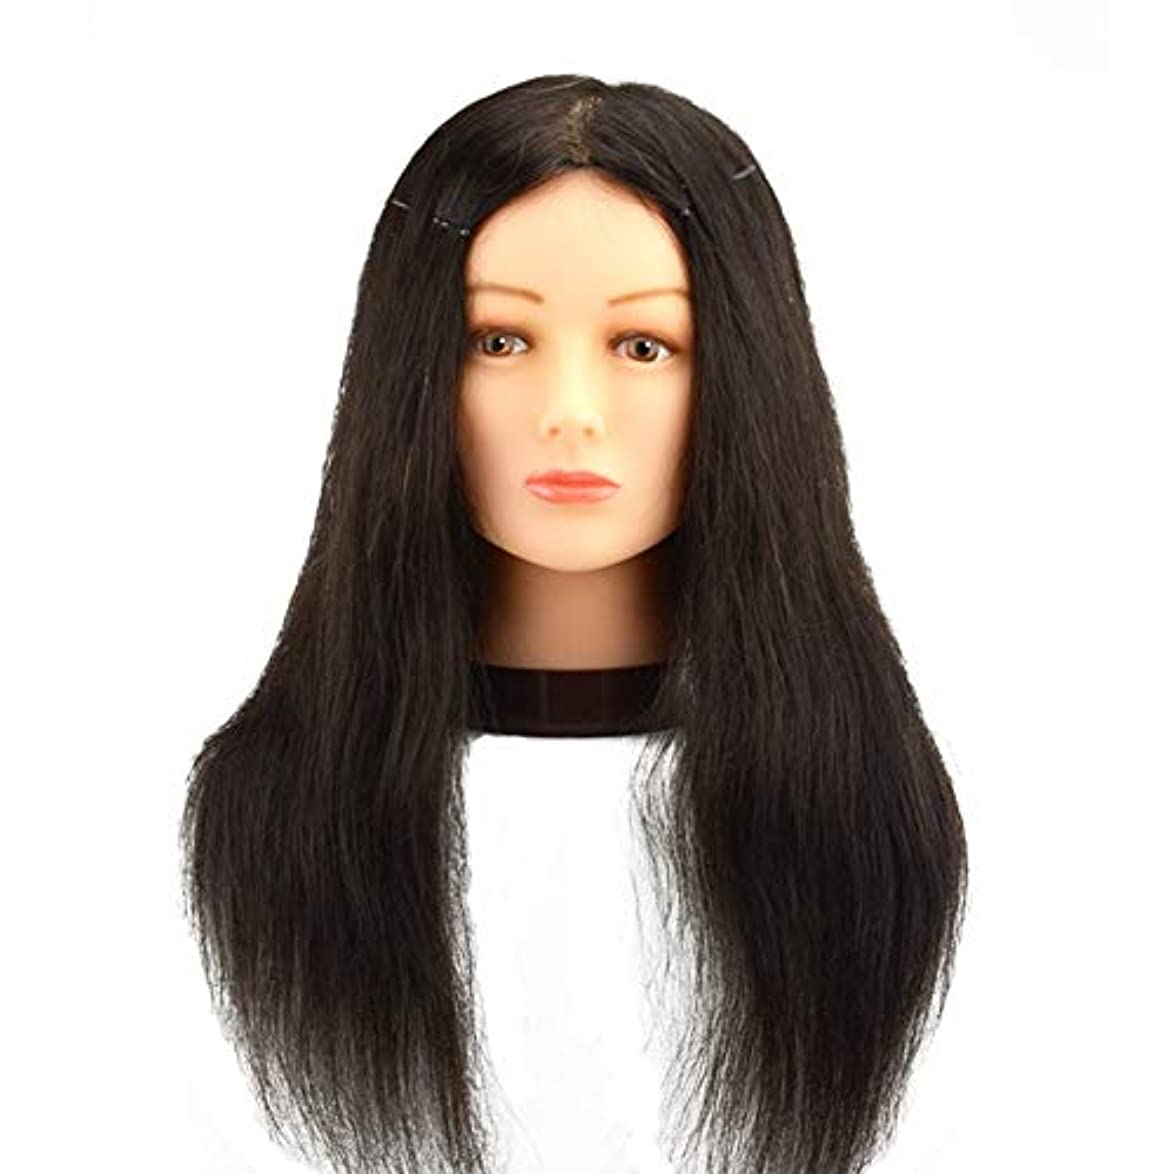 最大化する性別呼吸理髪店パーマ髪染め練習かつらヘッドモデルリアルヘアマネキンヘッド化粧散髪練習ダミーヘッド,20inches